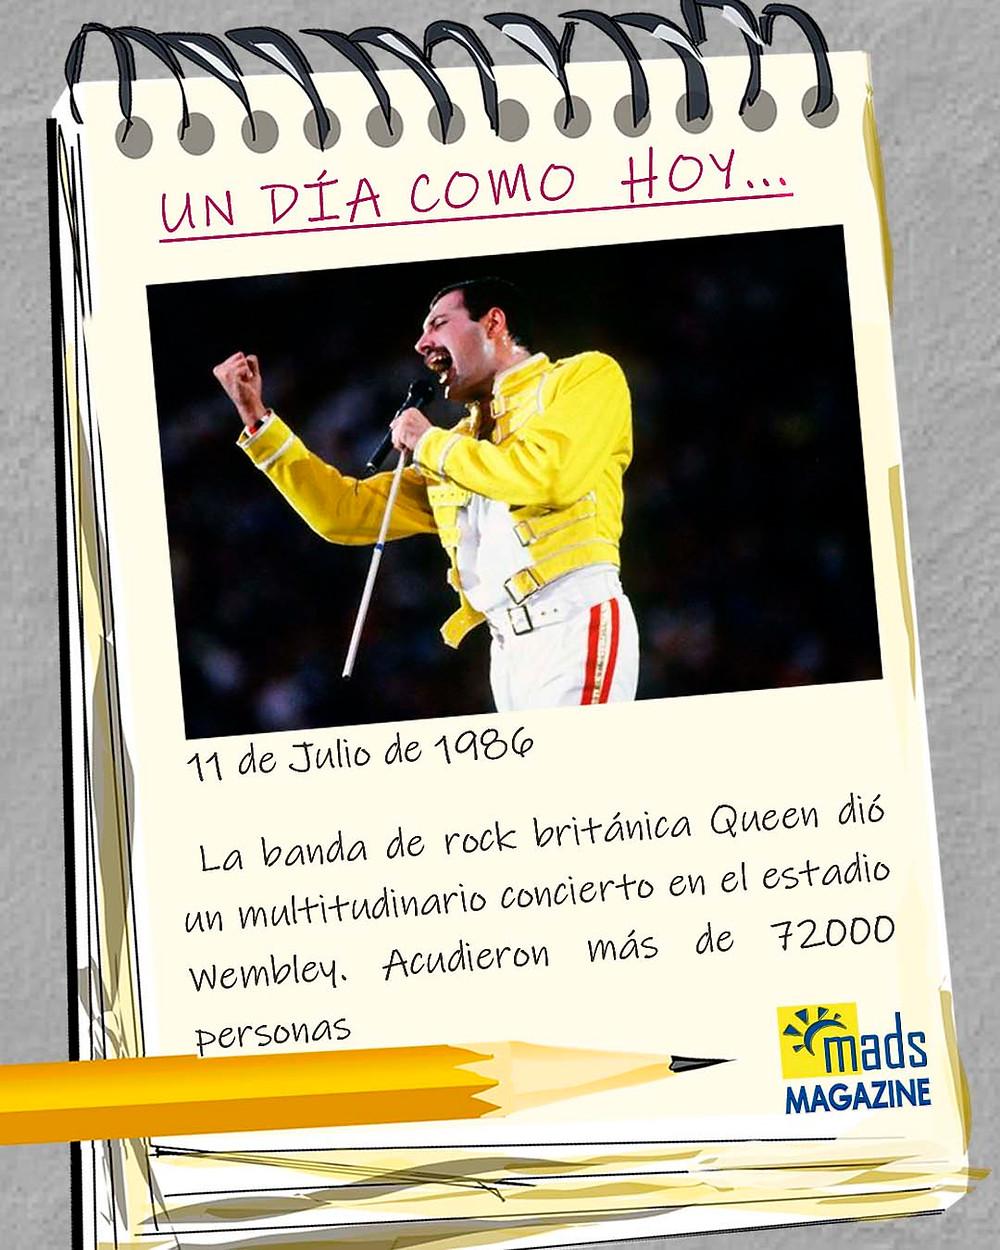 El concierto del estadio de Wembley fue uno de los más multitudinarios de la historia de la música. Tuvo lugar el 11 de julio de 1986